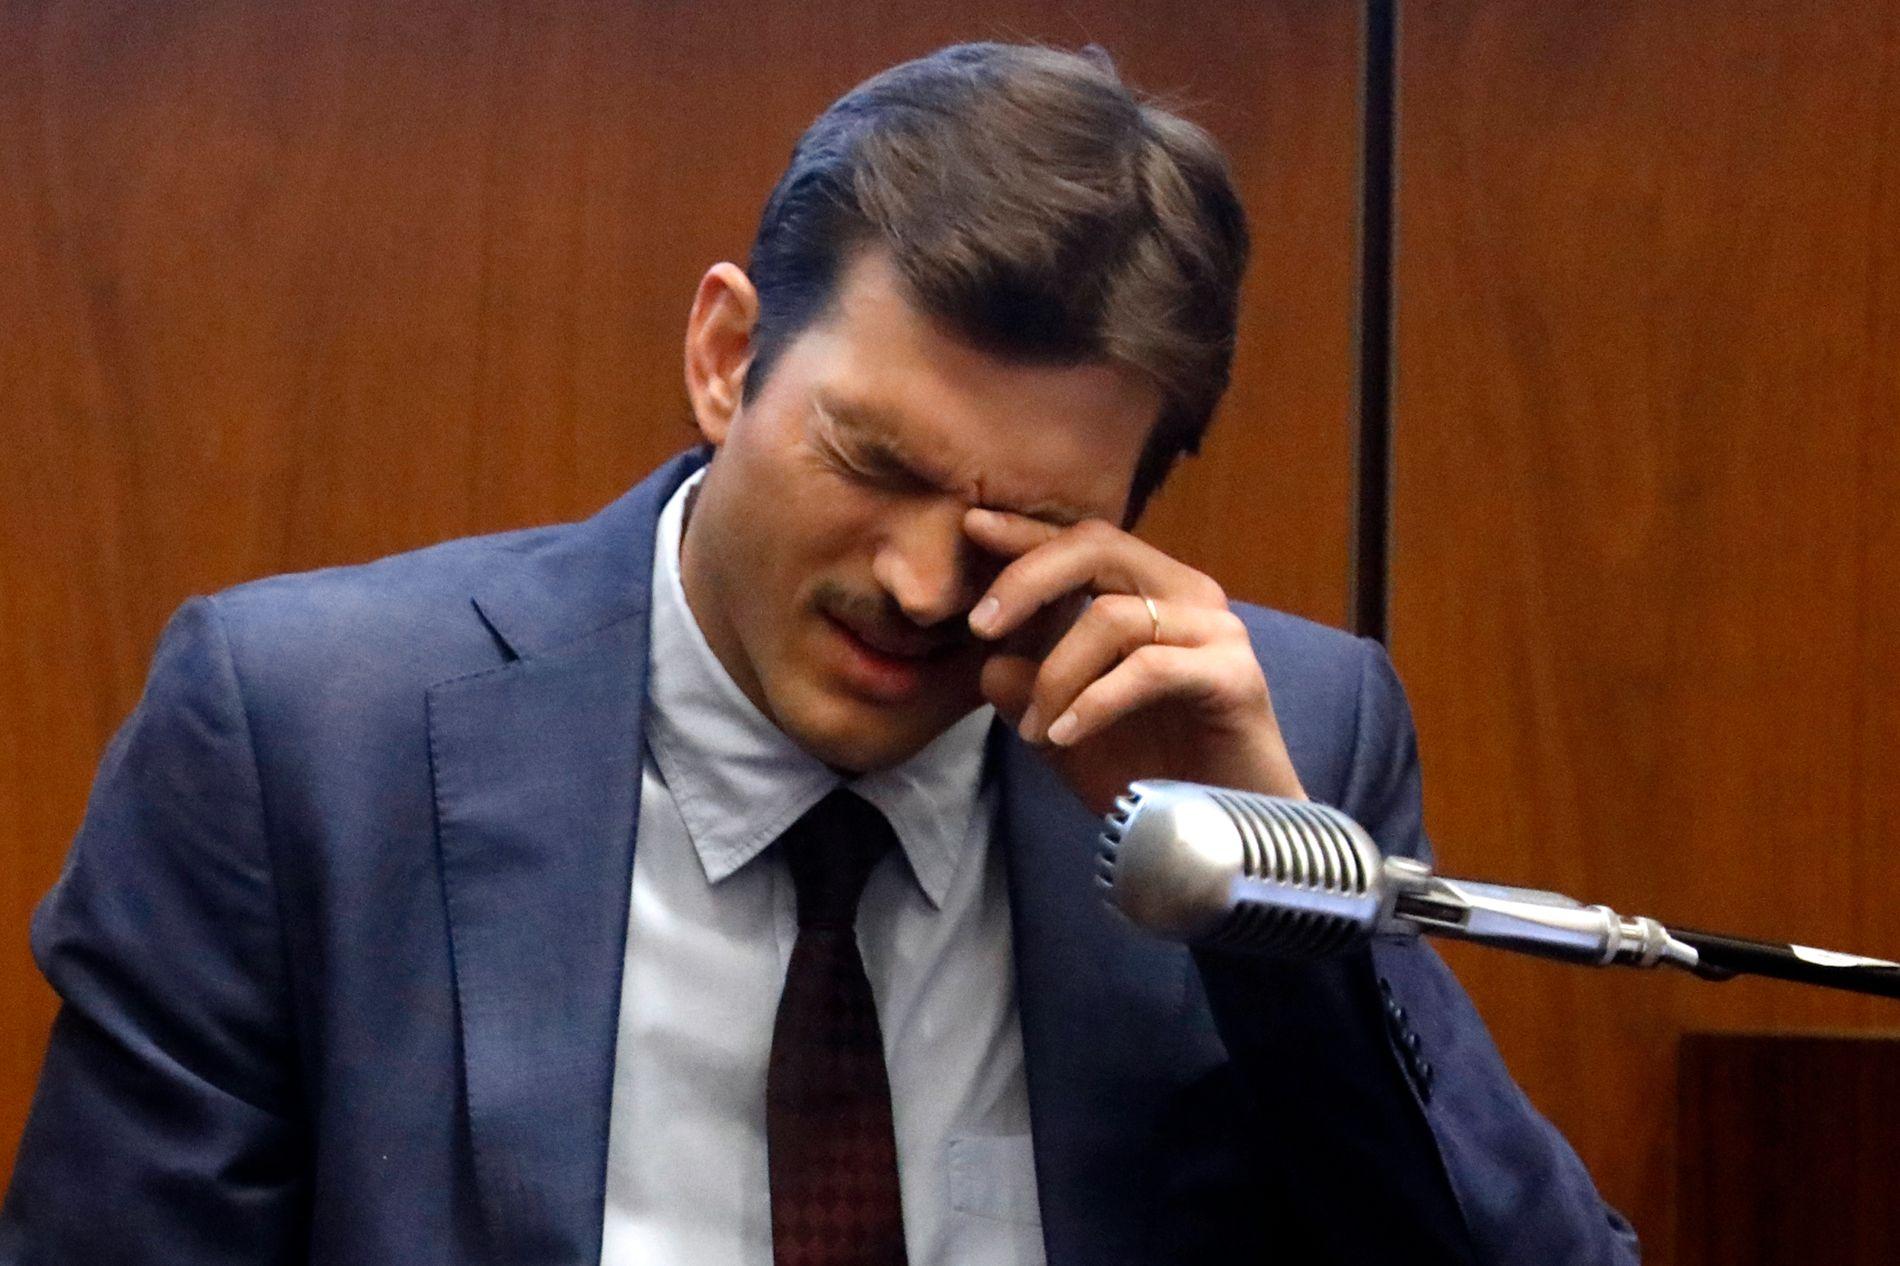 TUNGT: Ashton Kutcher var tydelig preget i retten.